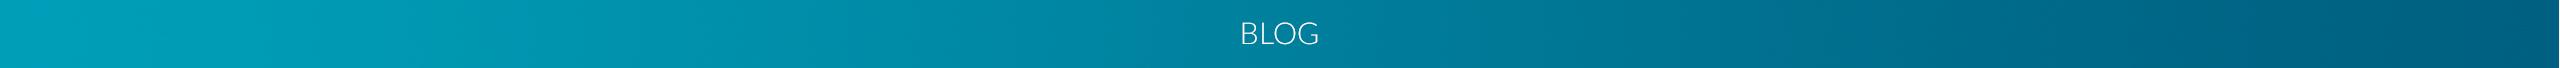 NETSTERIL título franja blog